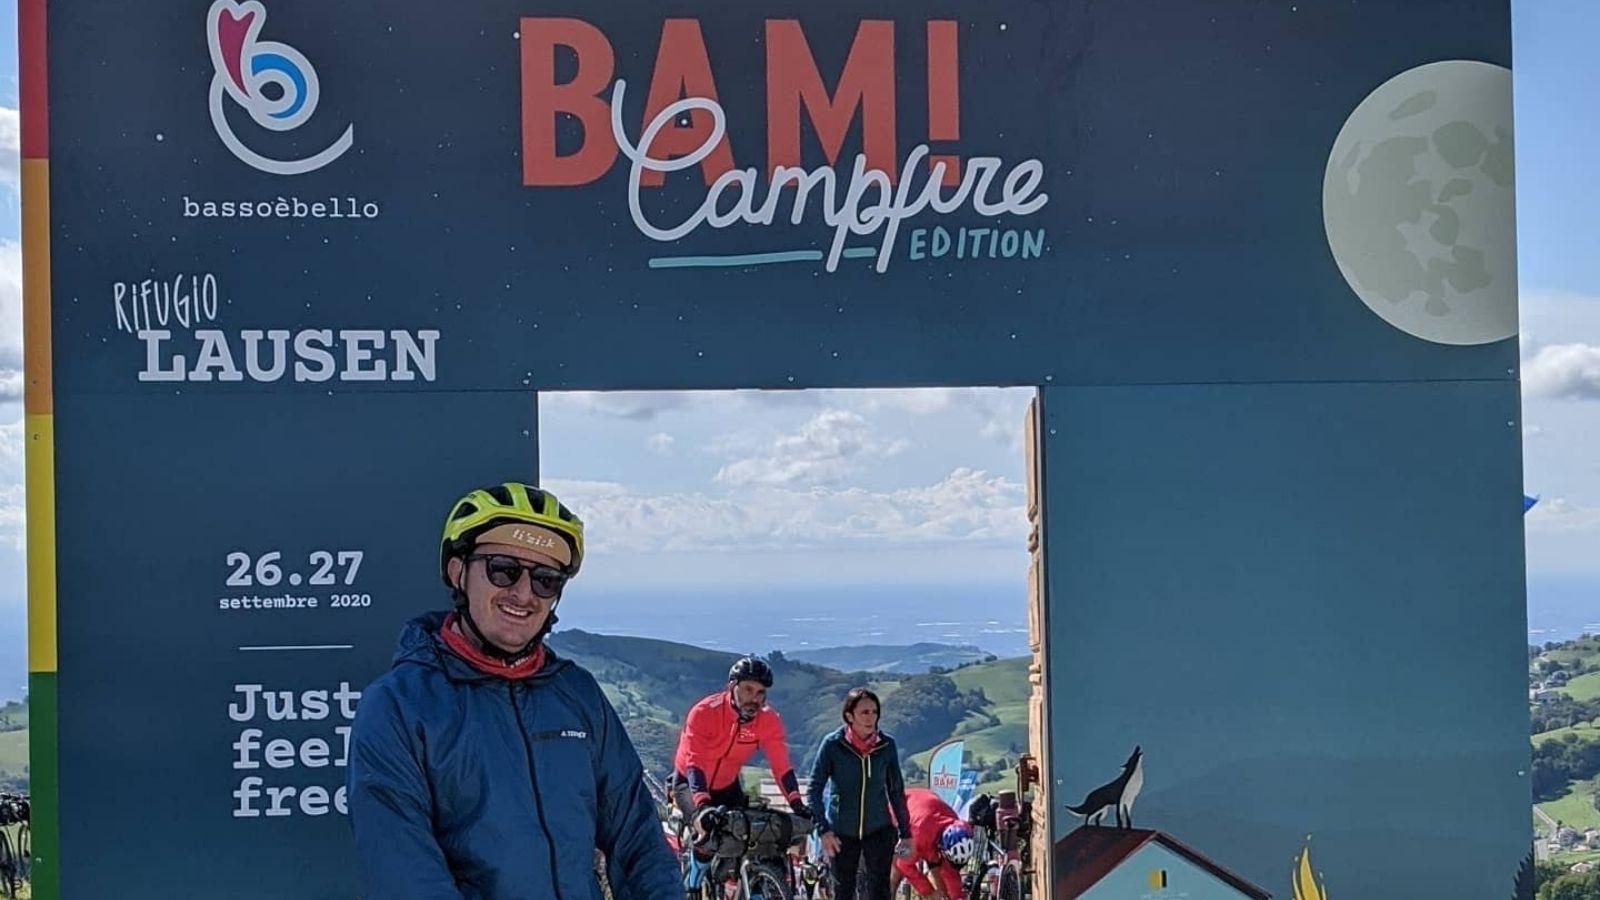 BAM! campfire 2020